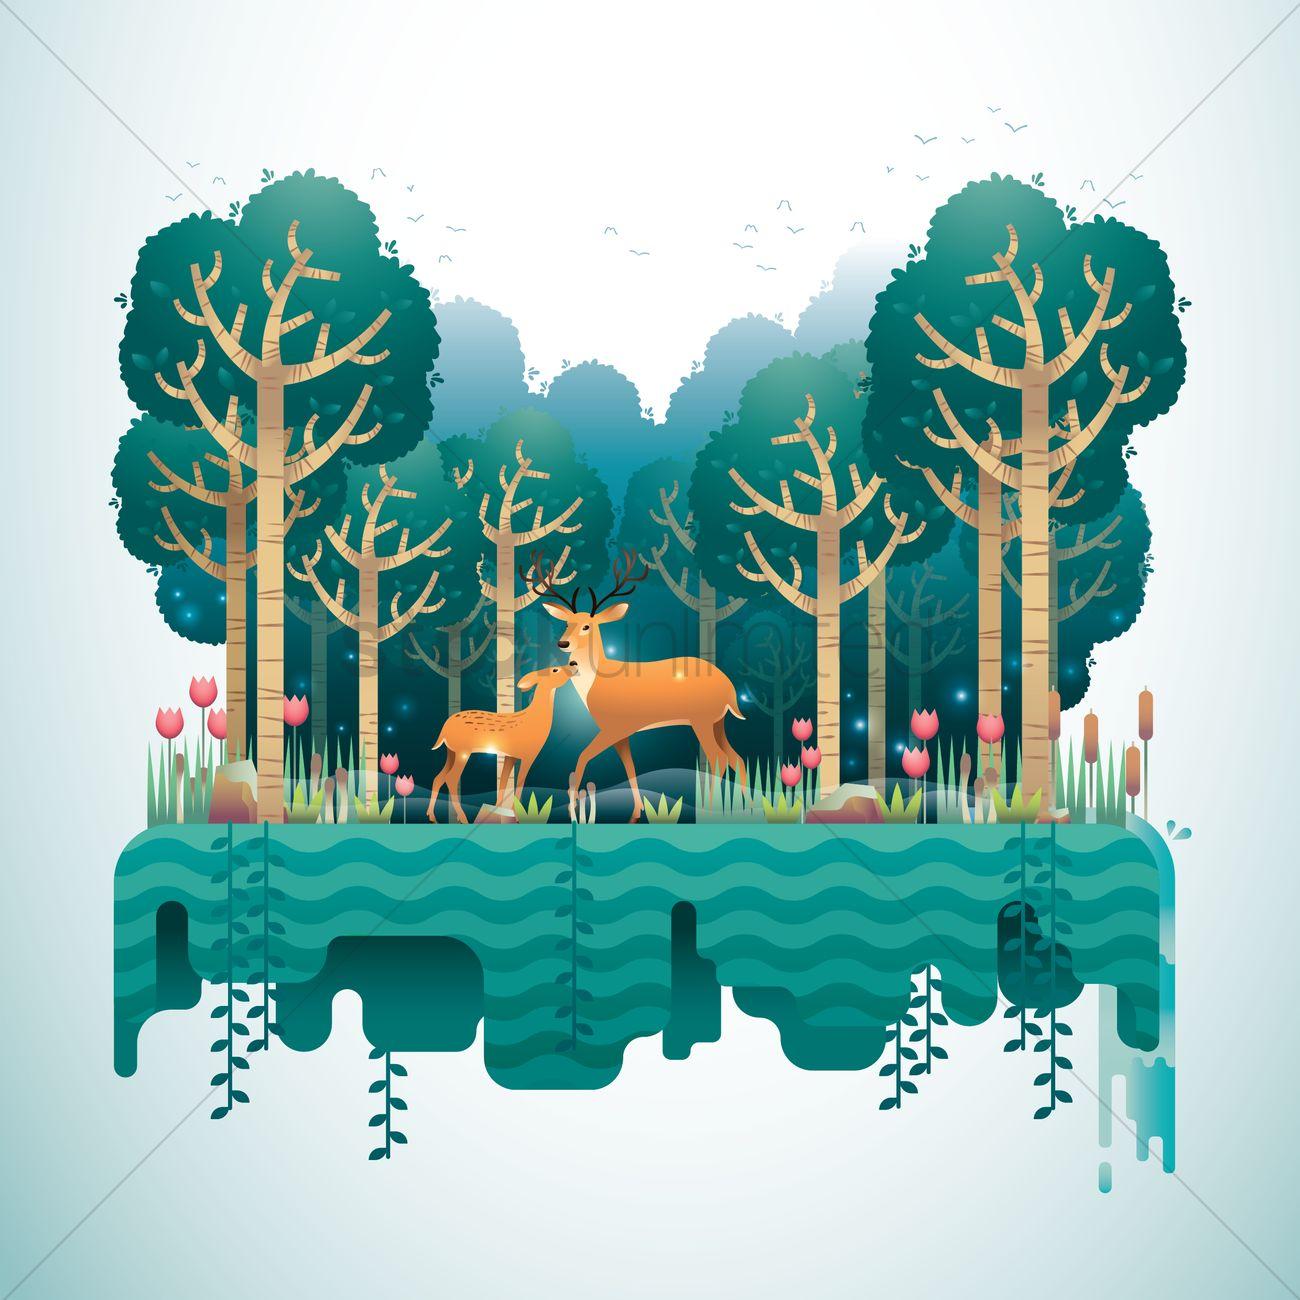 Graphic Design Art Pictures